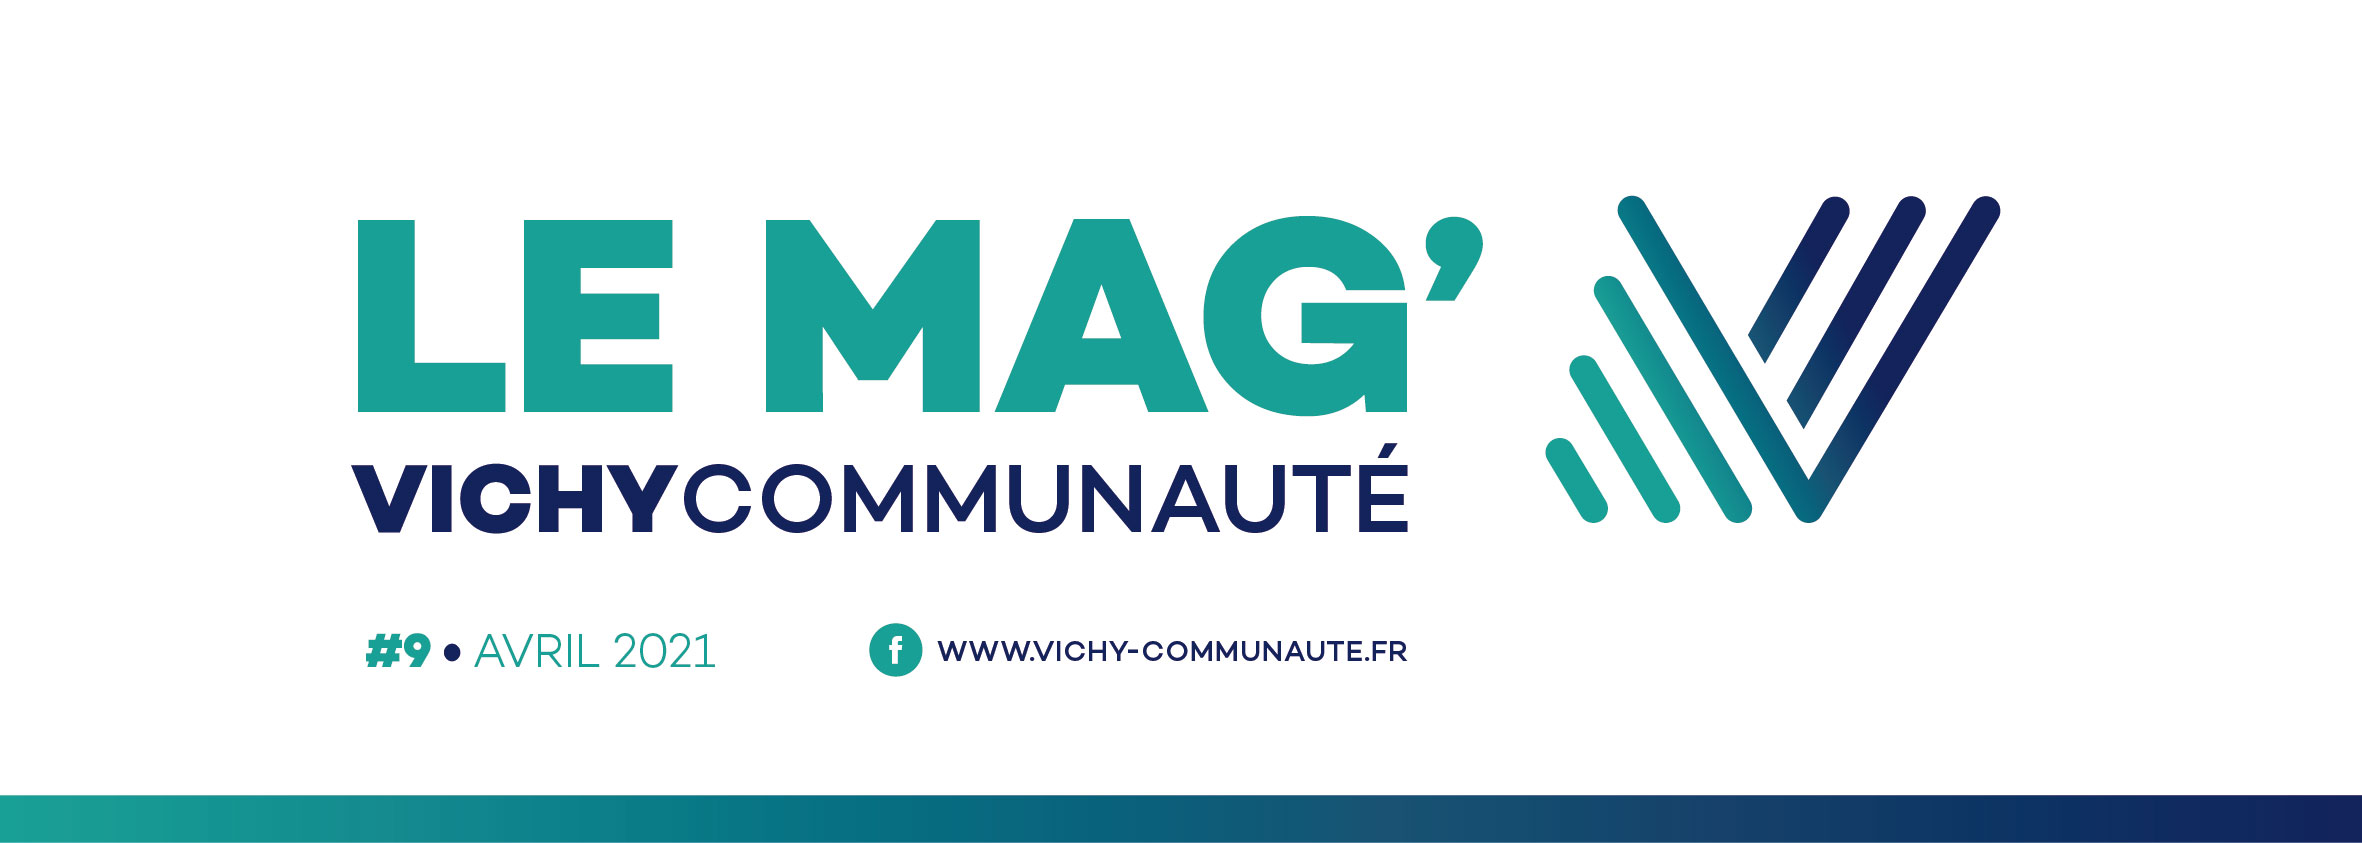 Découvrez le Mag #9 Vichy Communauté dédié à l'habitat